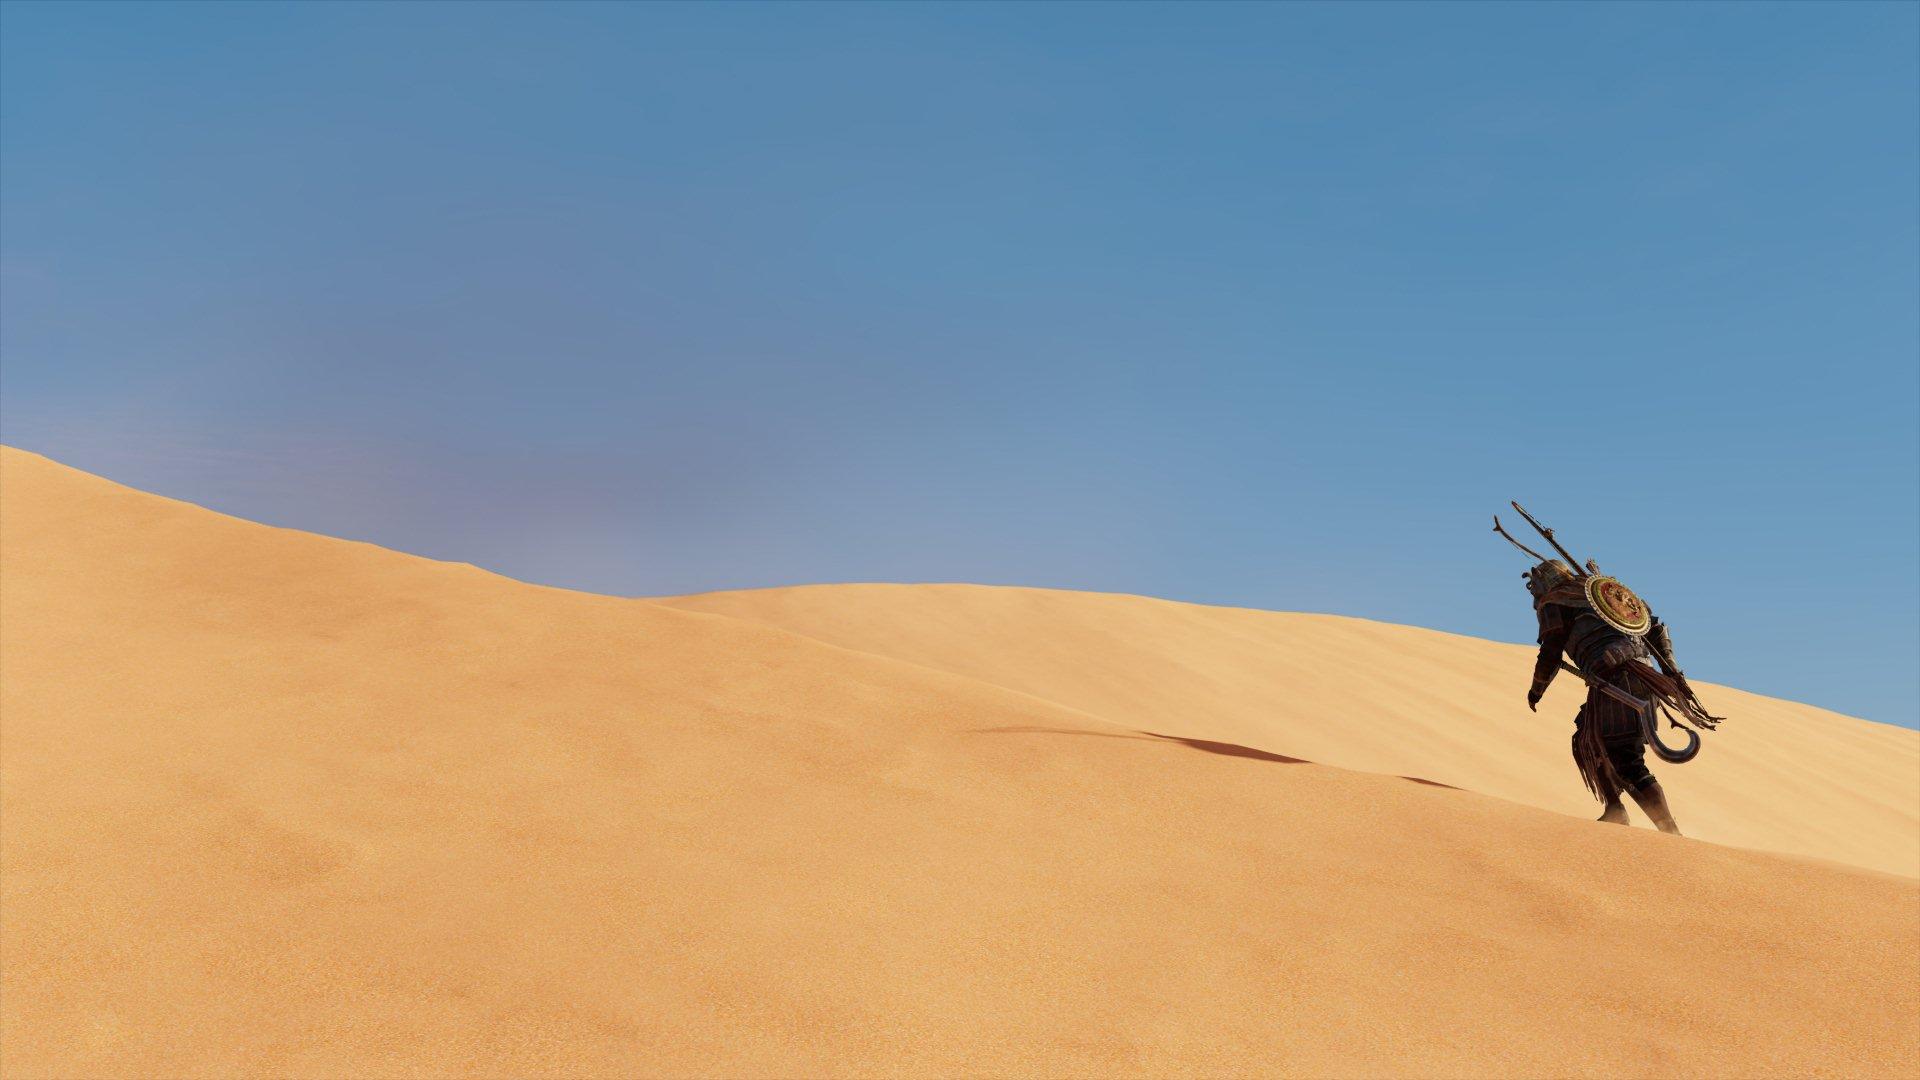 Assassin's Creed Origins_0005_JTC.jpg